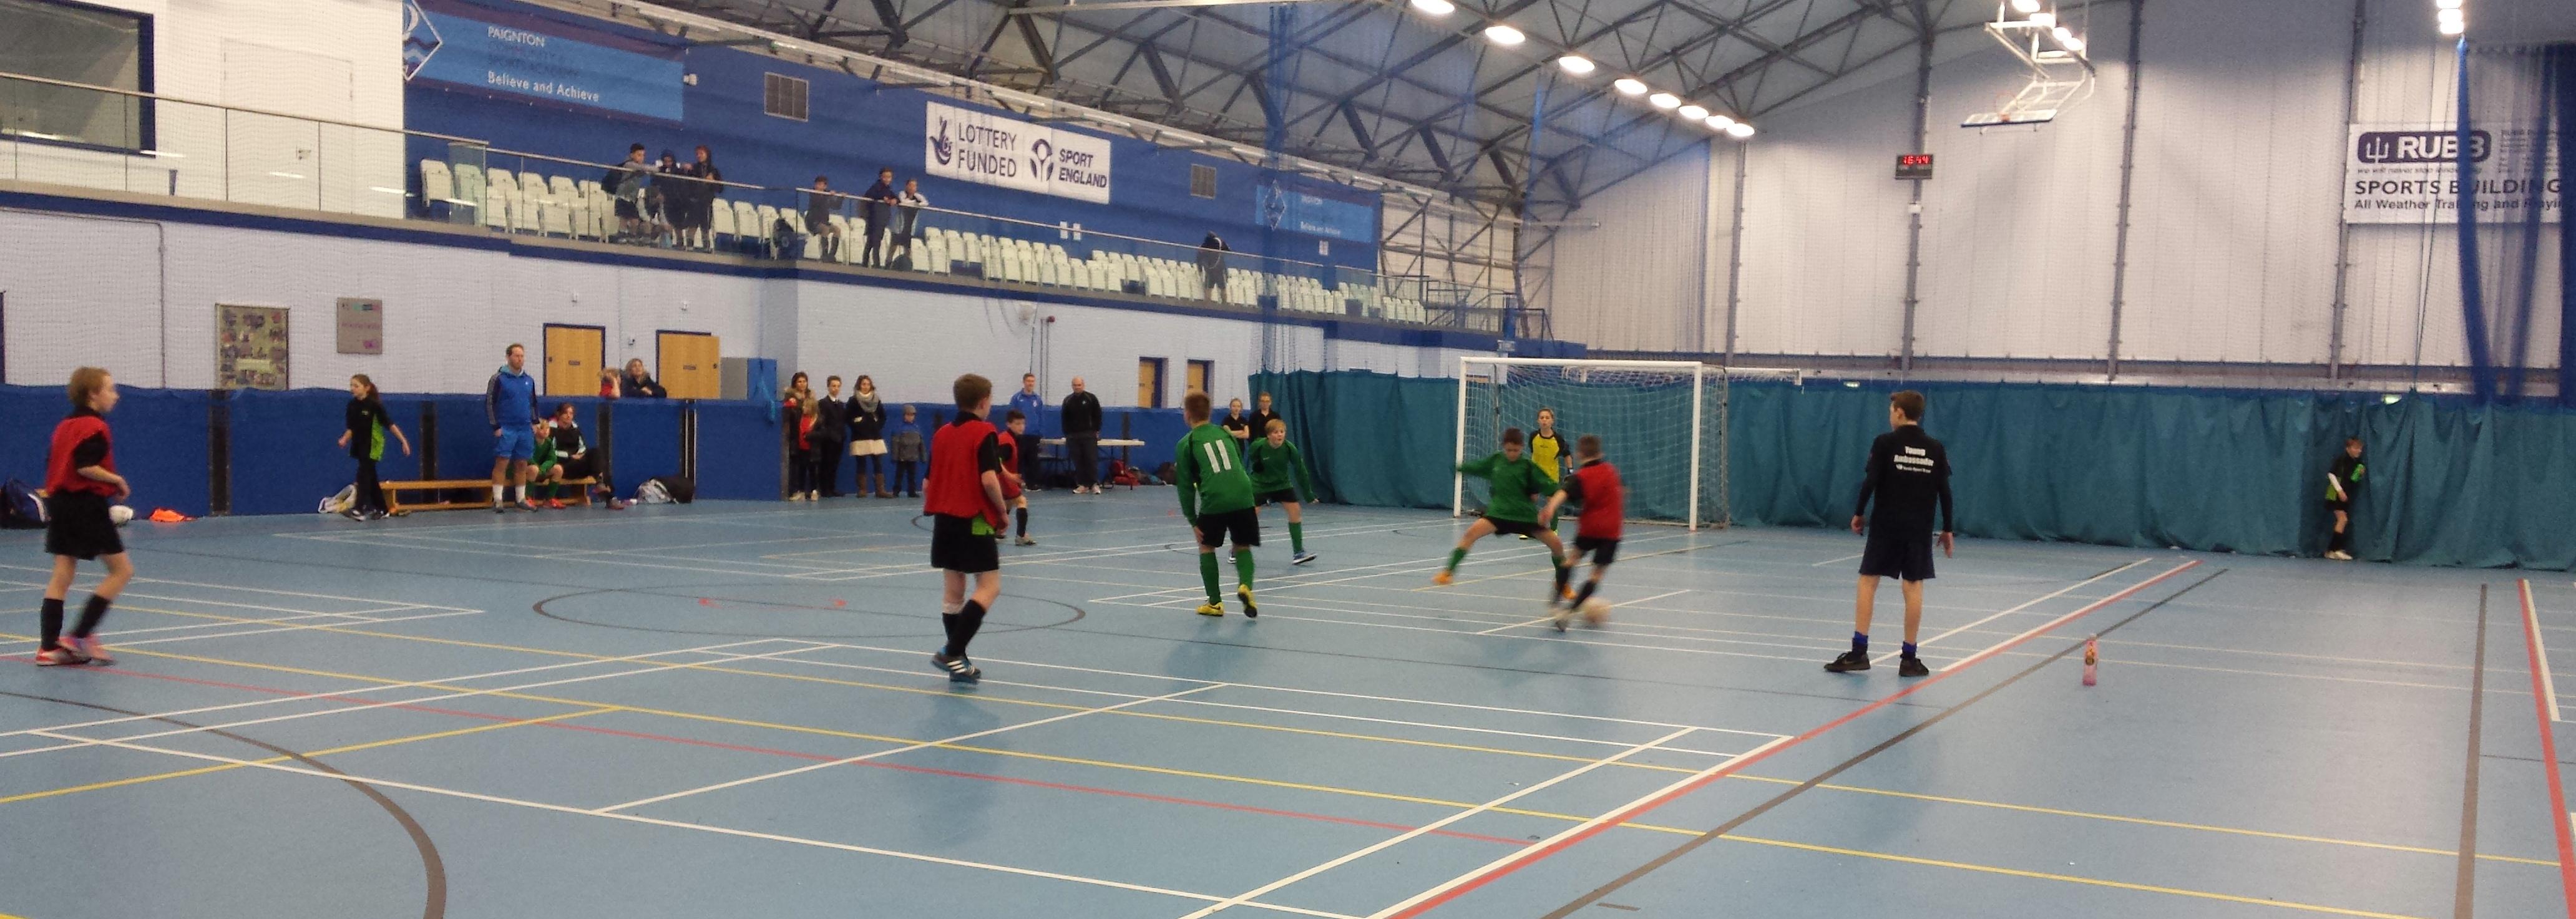 Futsal Comp Jan15